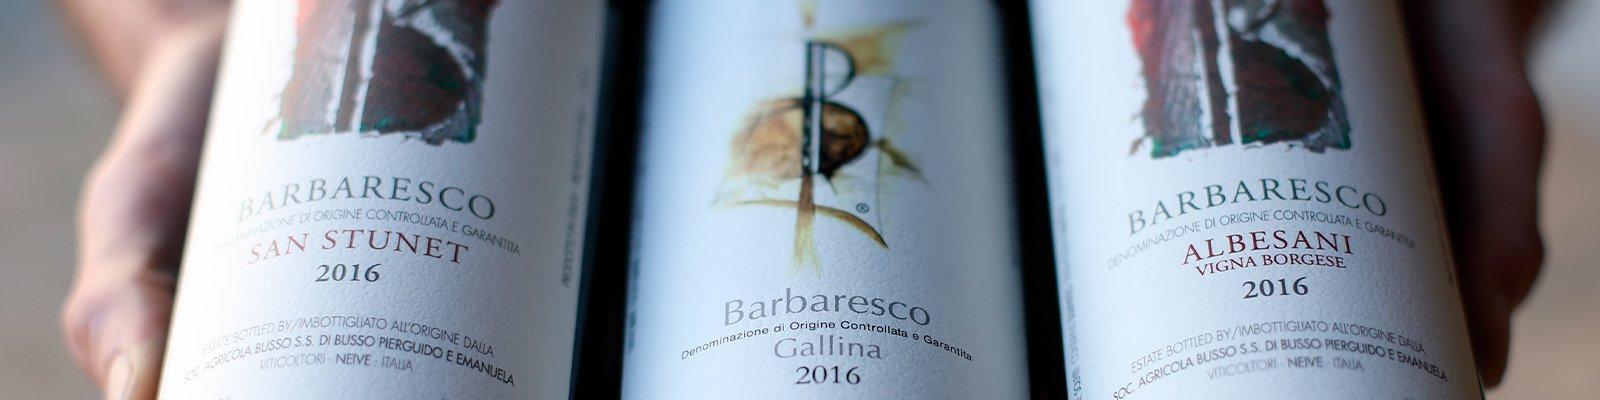 I Barberesco Piero Busso rispettano storia e tradizione del vino